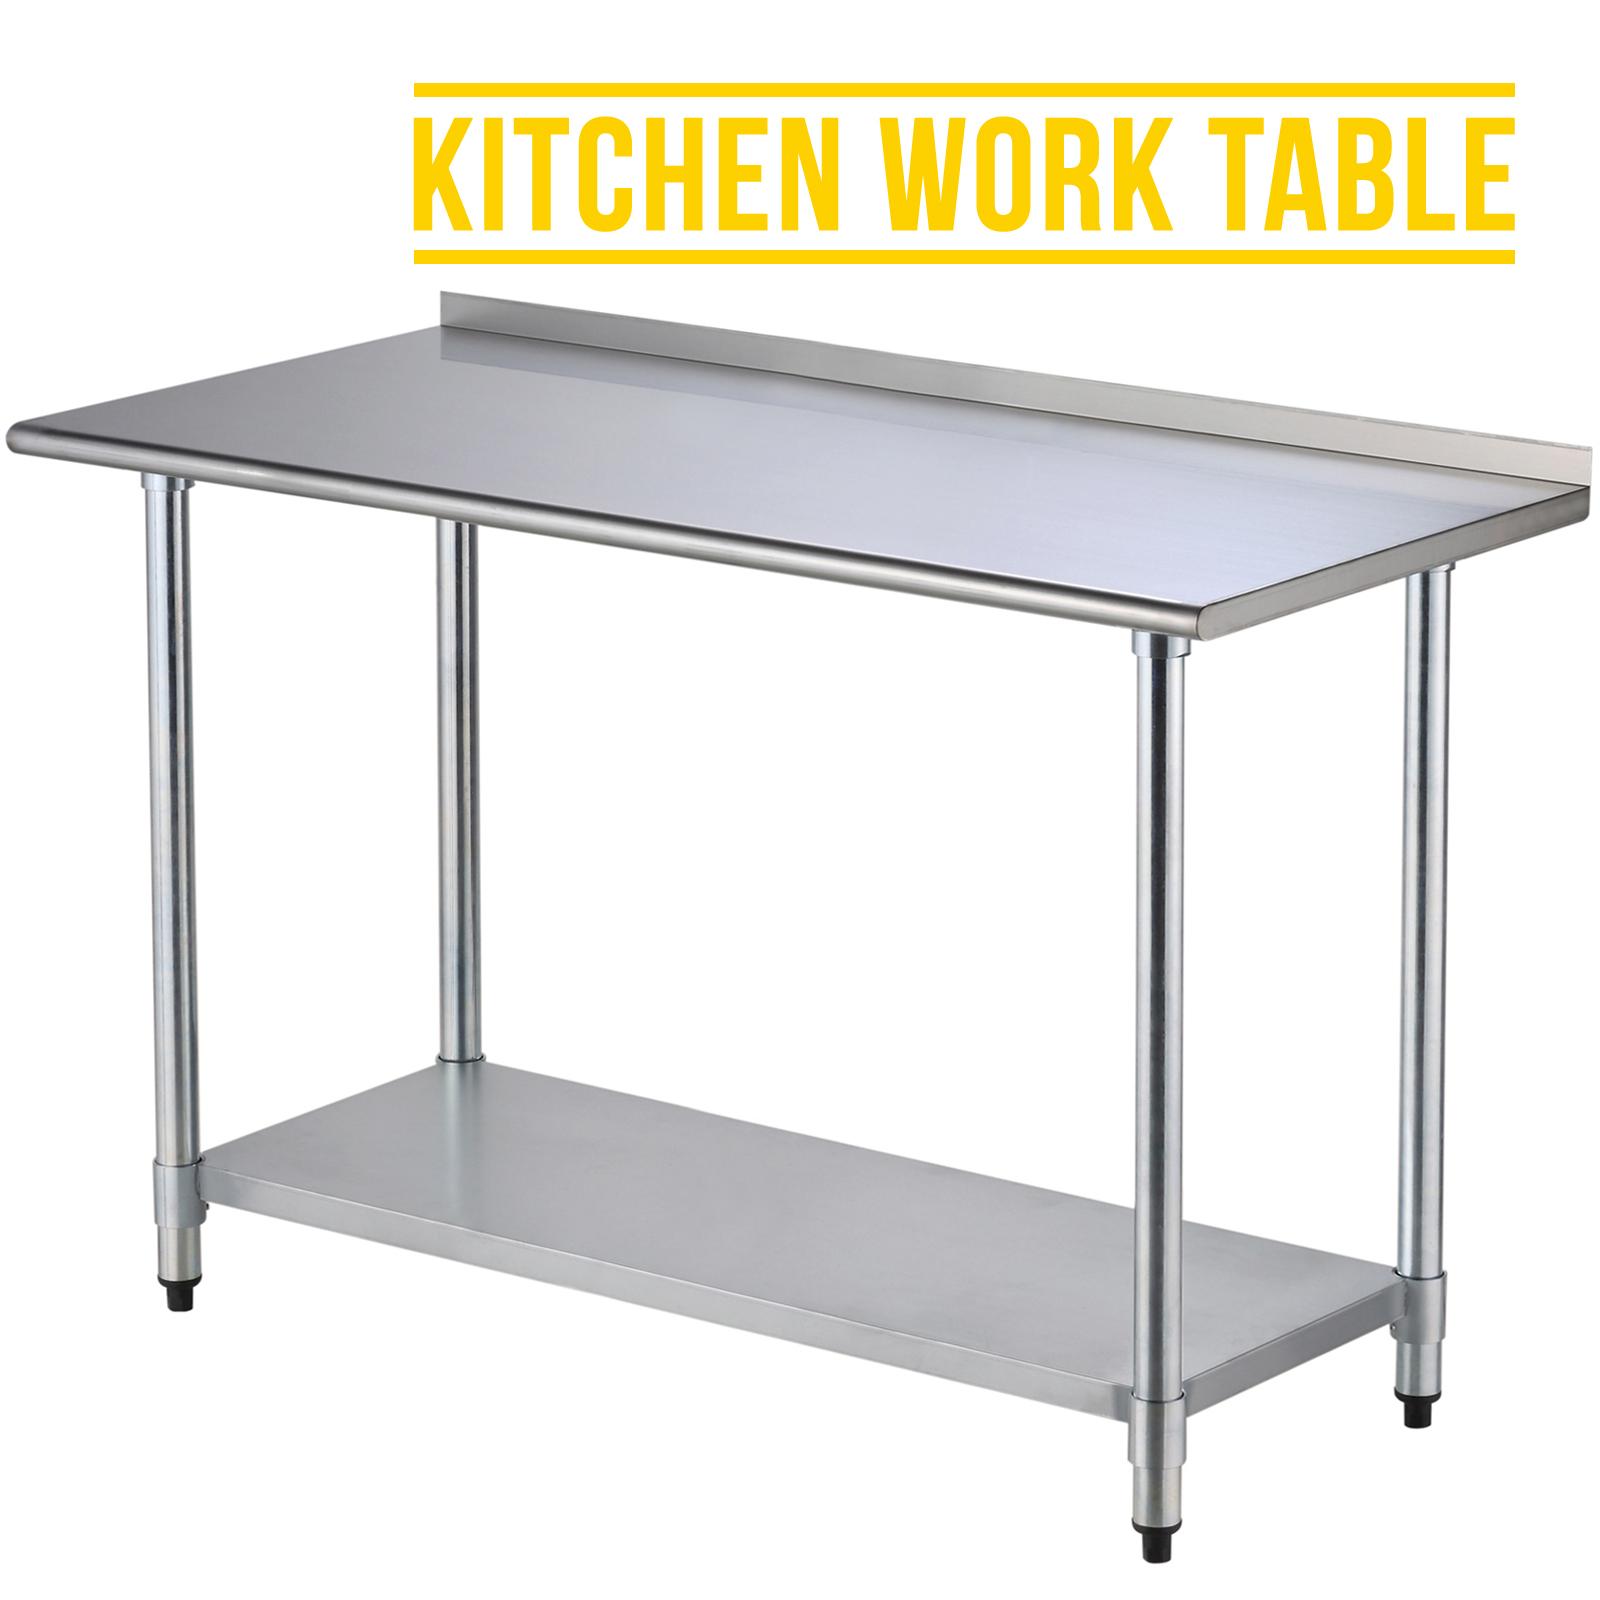 382416176041 on Modern Kitchen Worktable